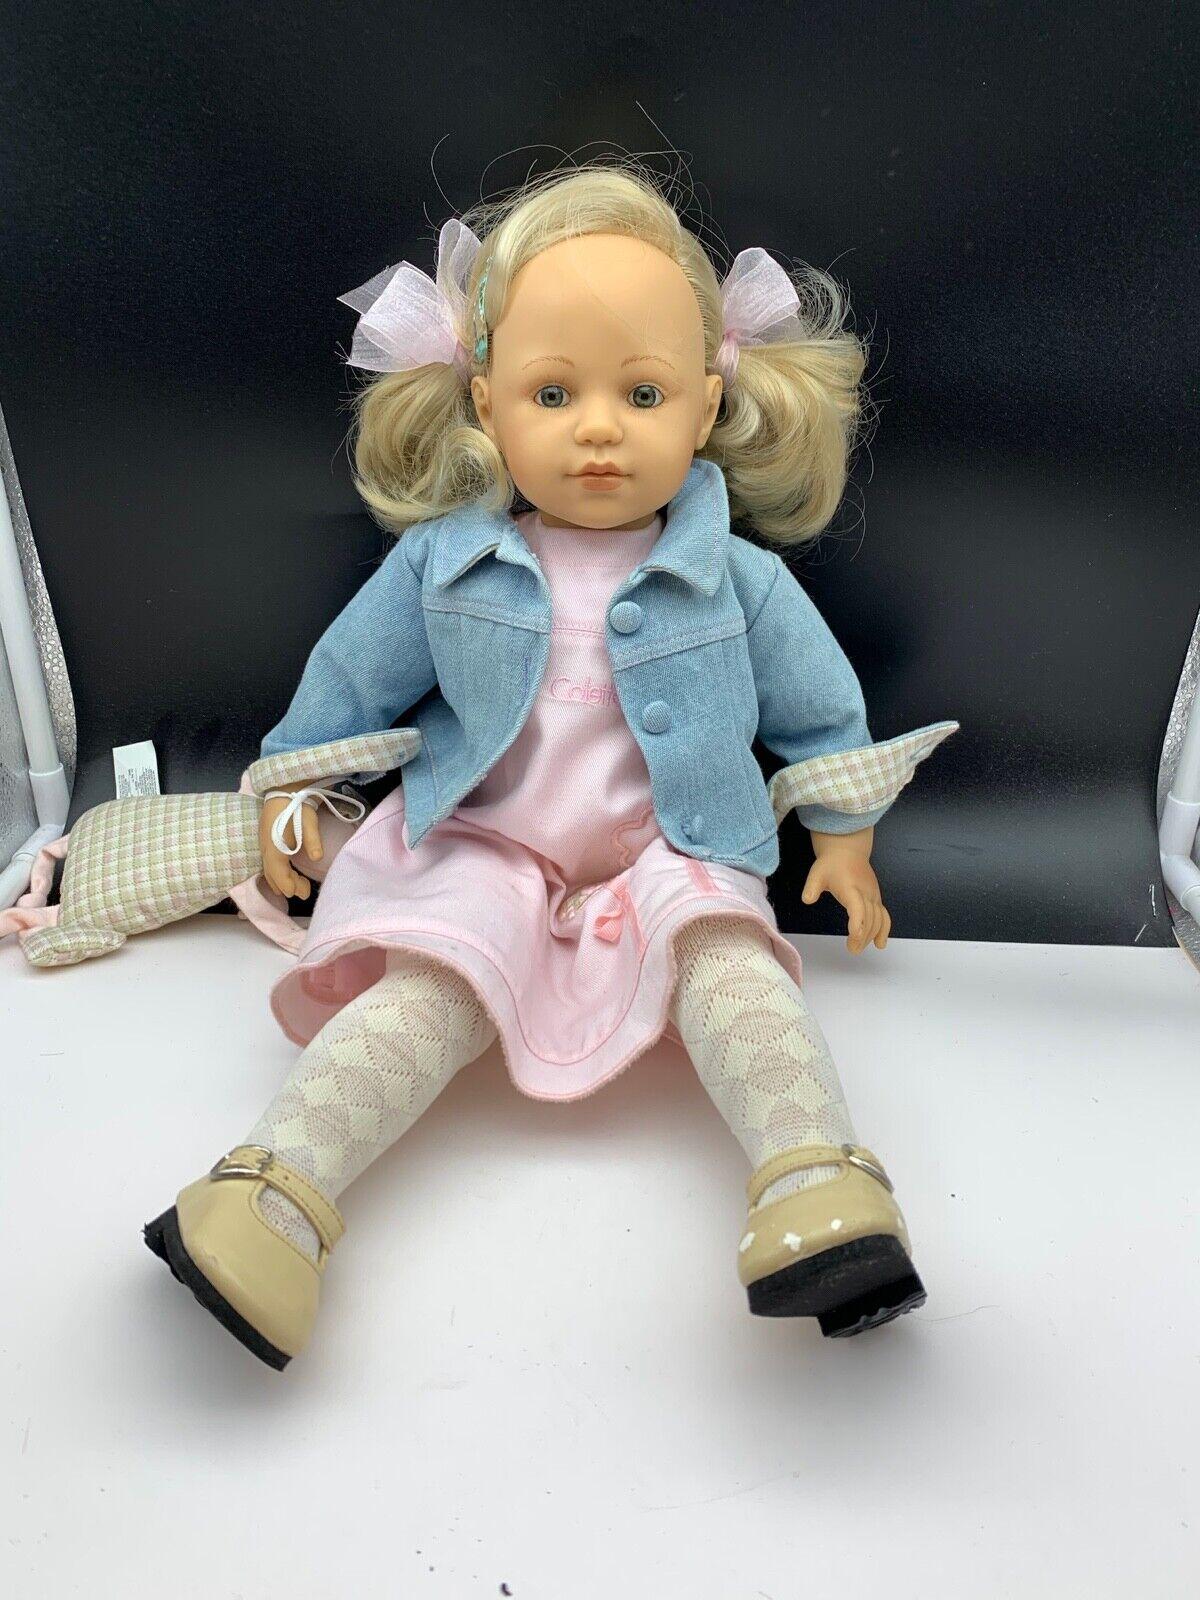 Brigitte Paetsch Bambola D'Autore Plastica Bambola 50 Cm. Ottime Condizioni